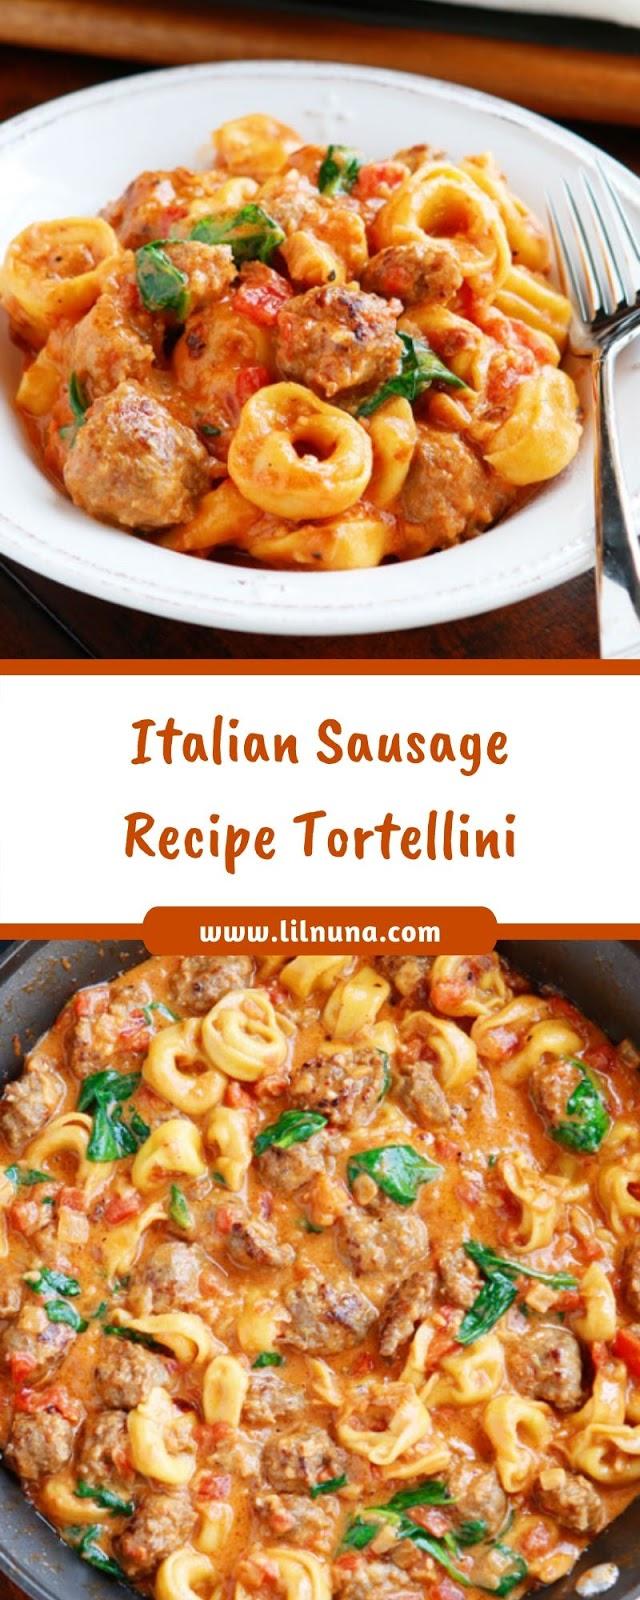 Italian Sausage Recipe Tortellini